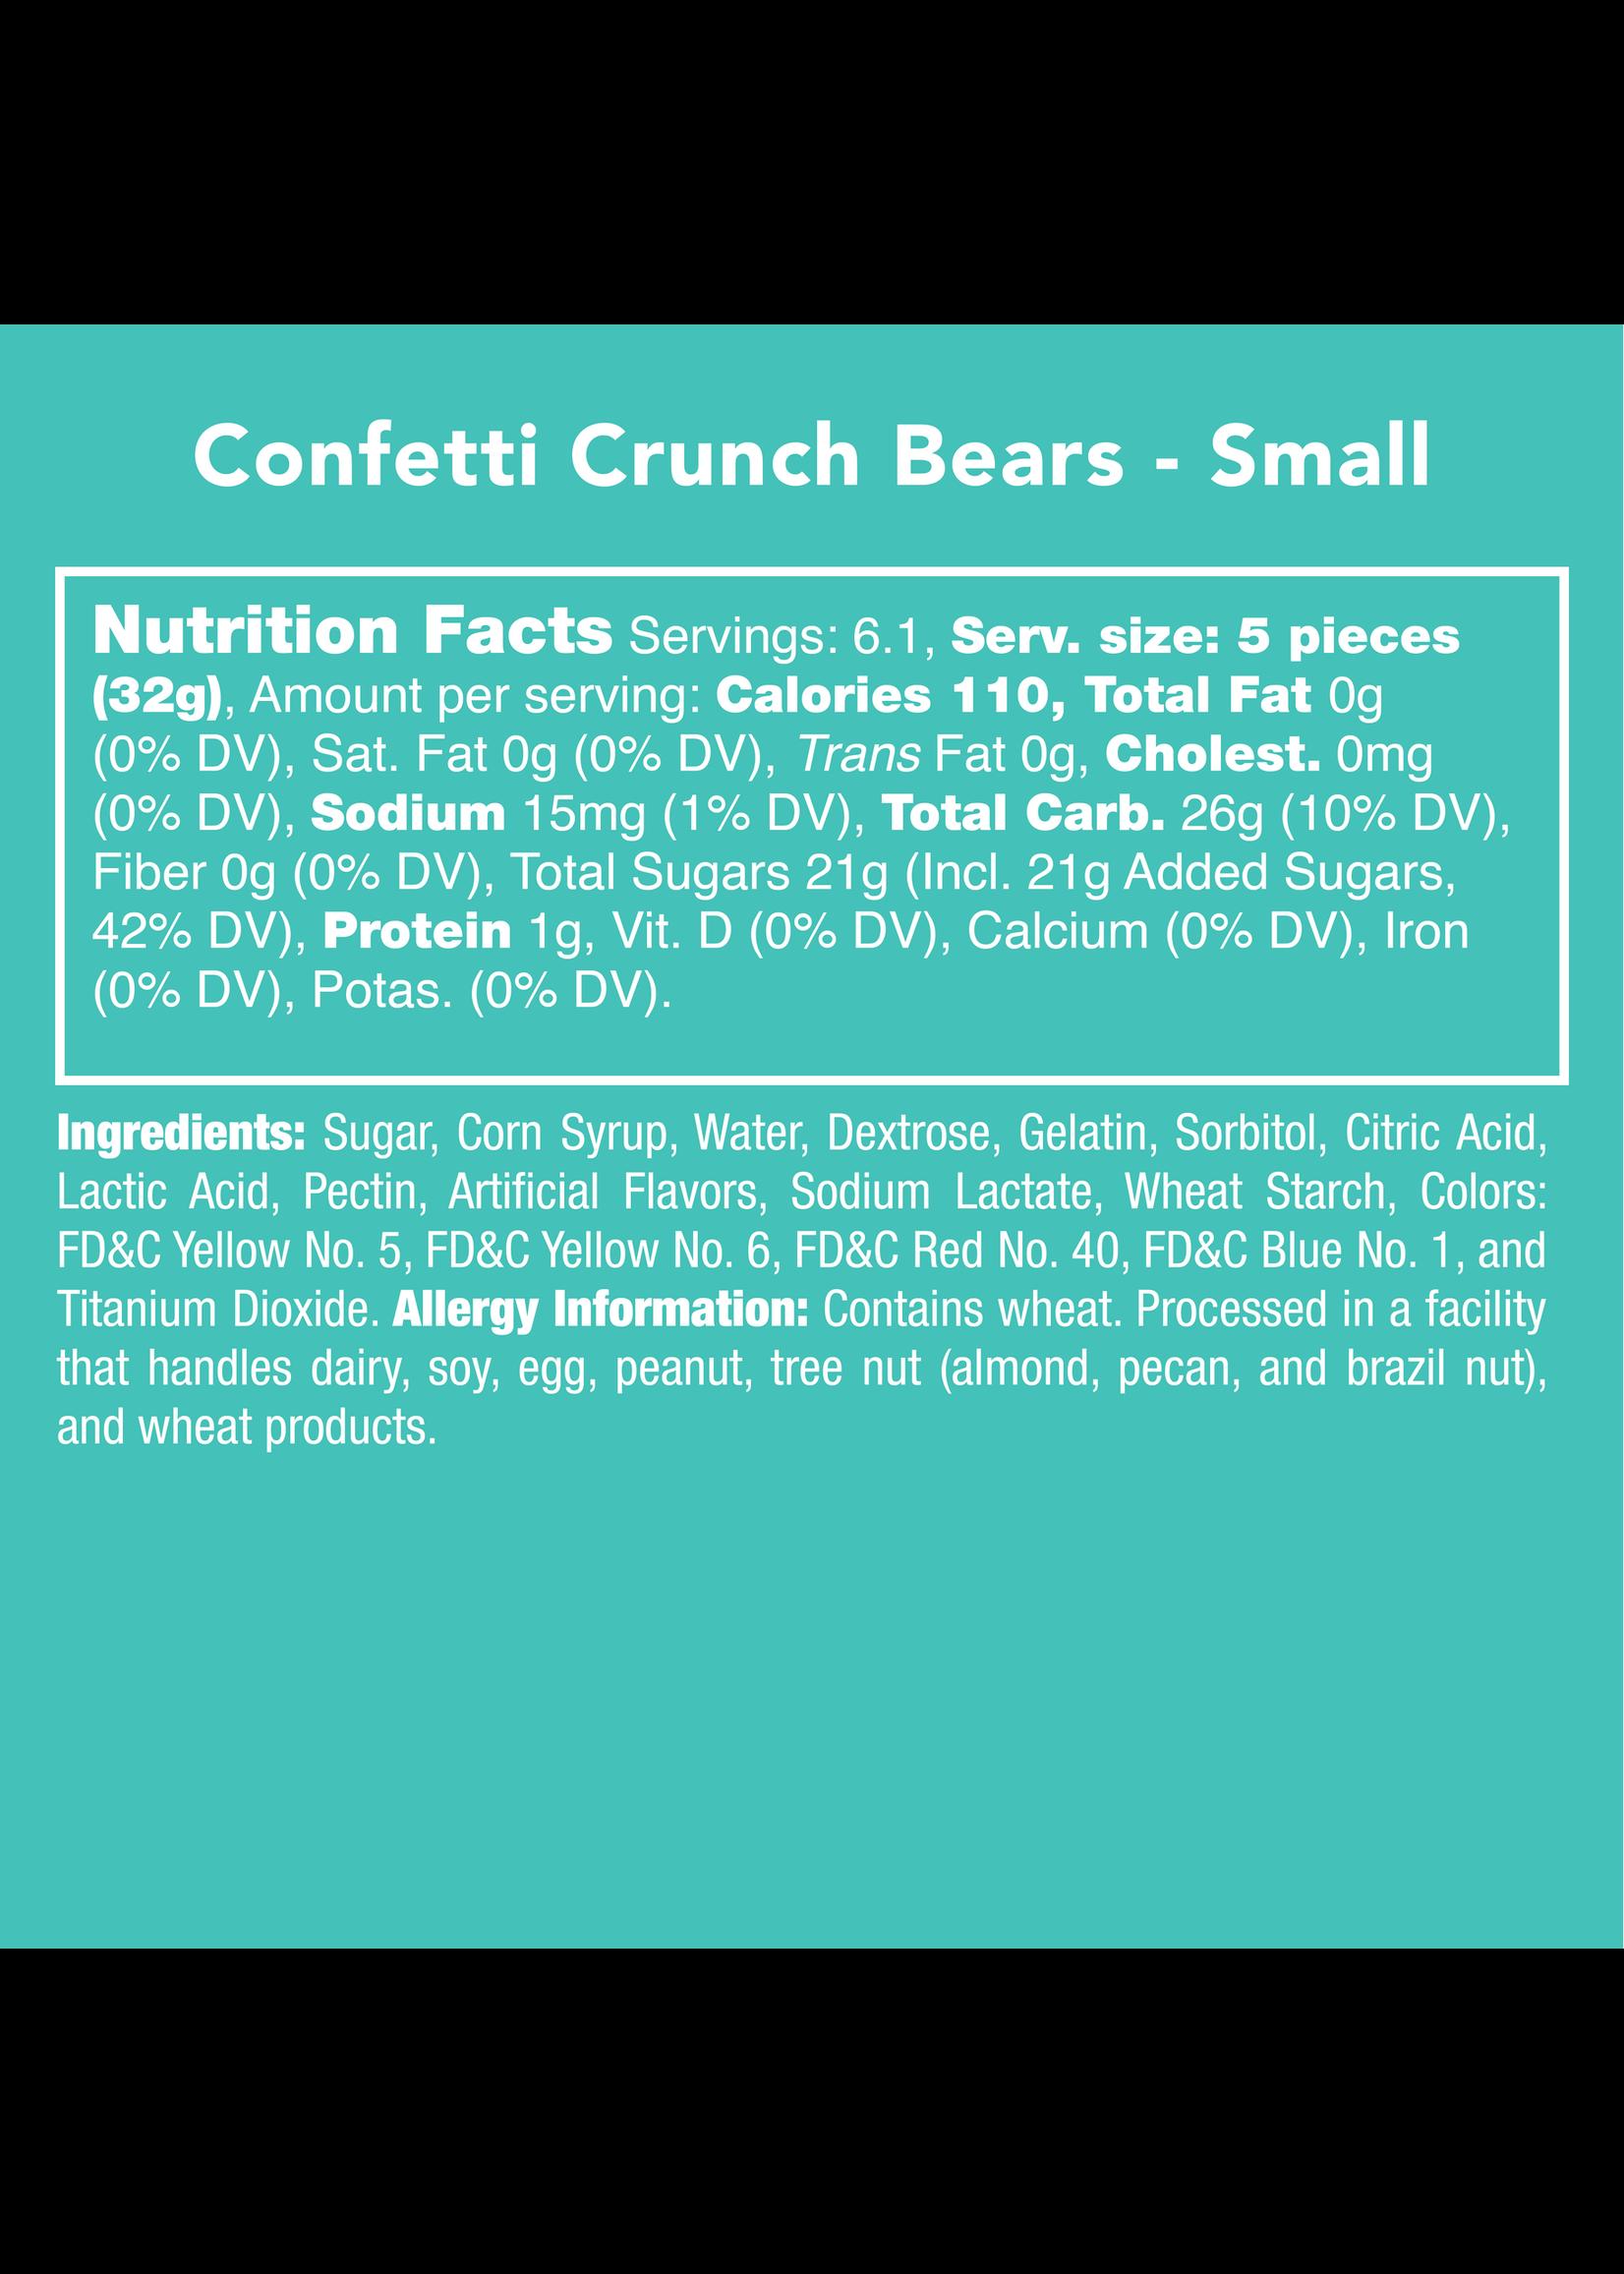 Candy Club Confetti Crunch Bears